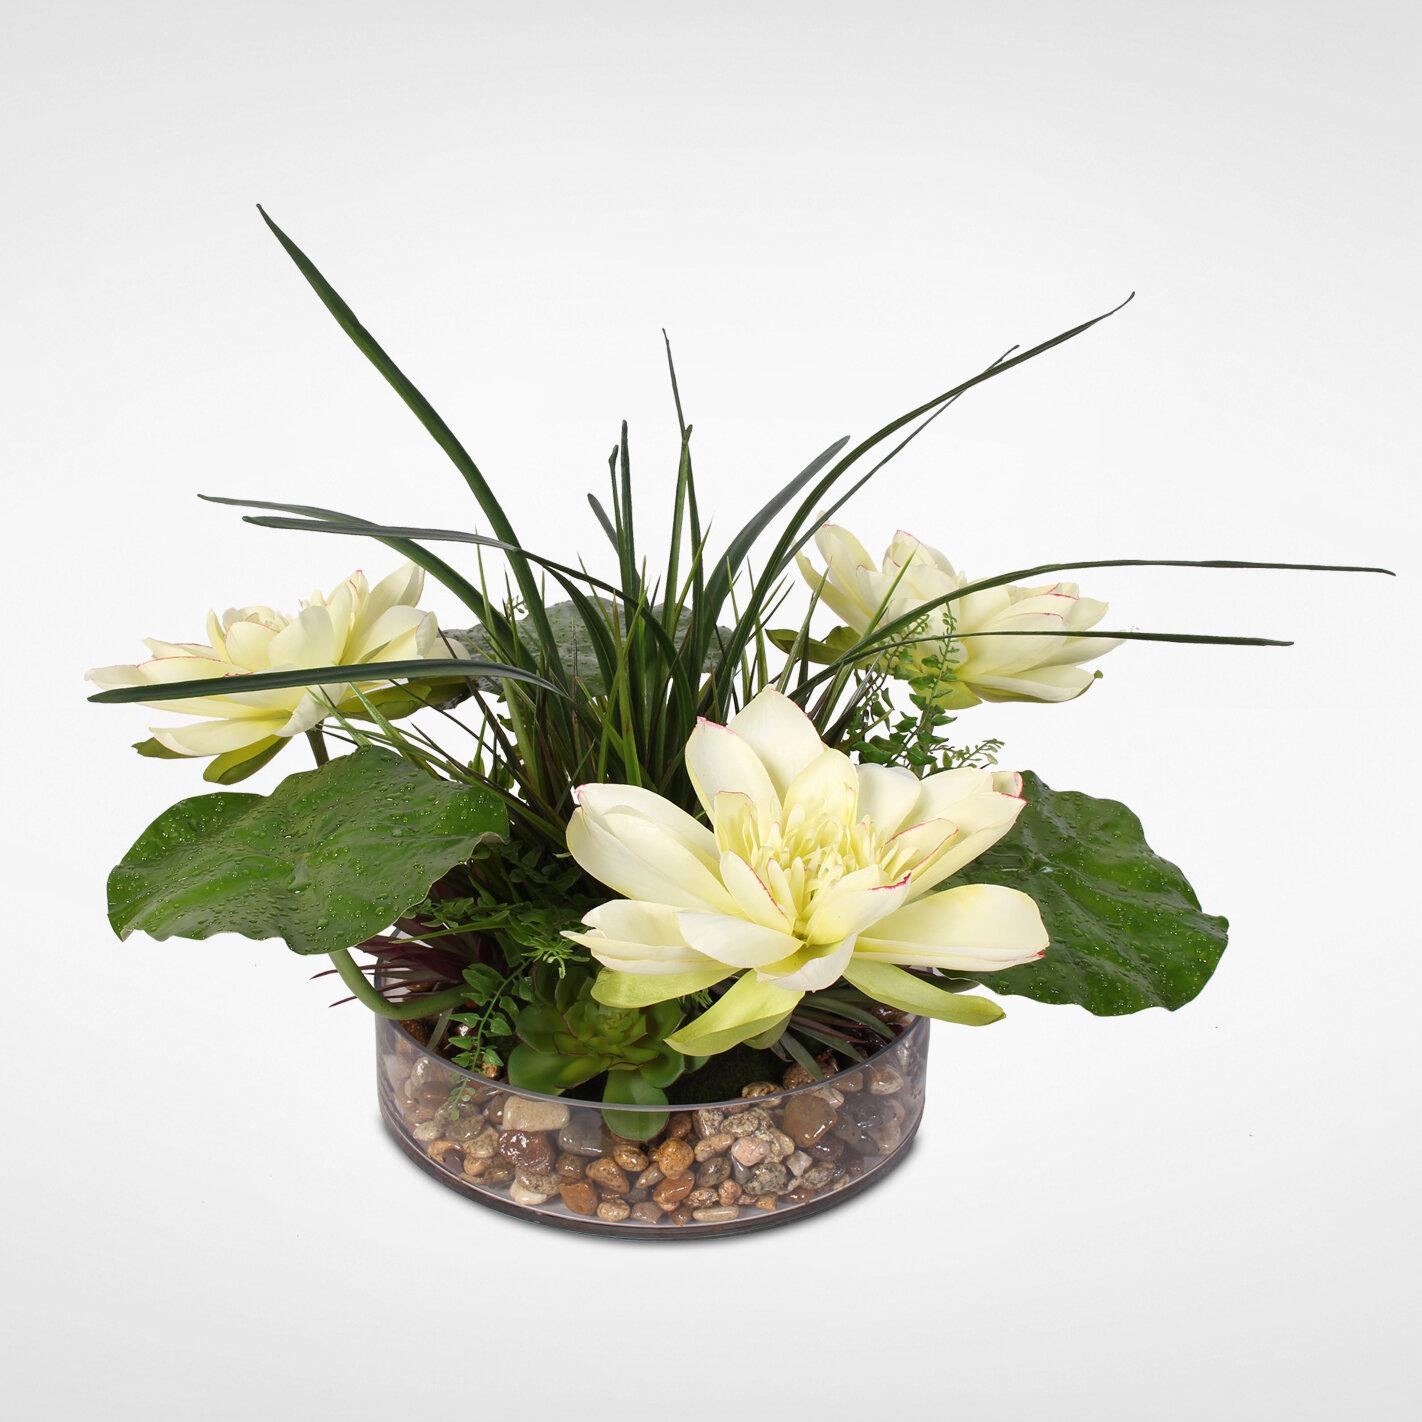 Red Barrel Studio Lotus Blossom Mixed Floral Arrangement In Pot